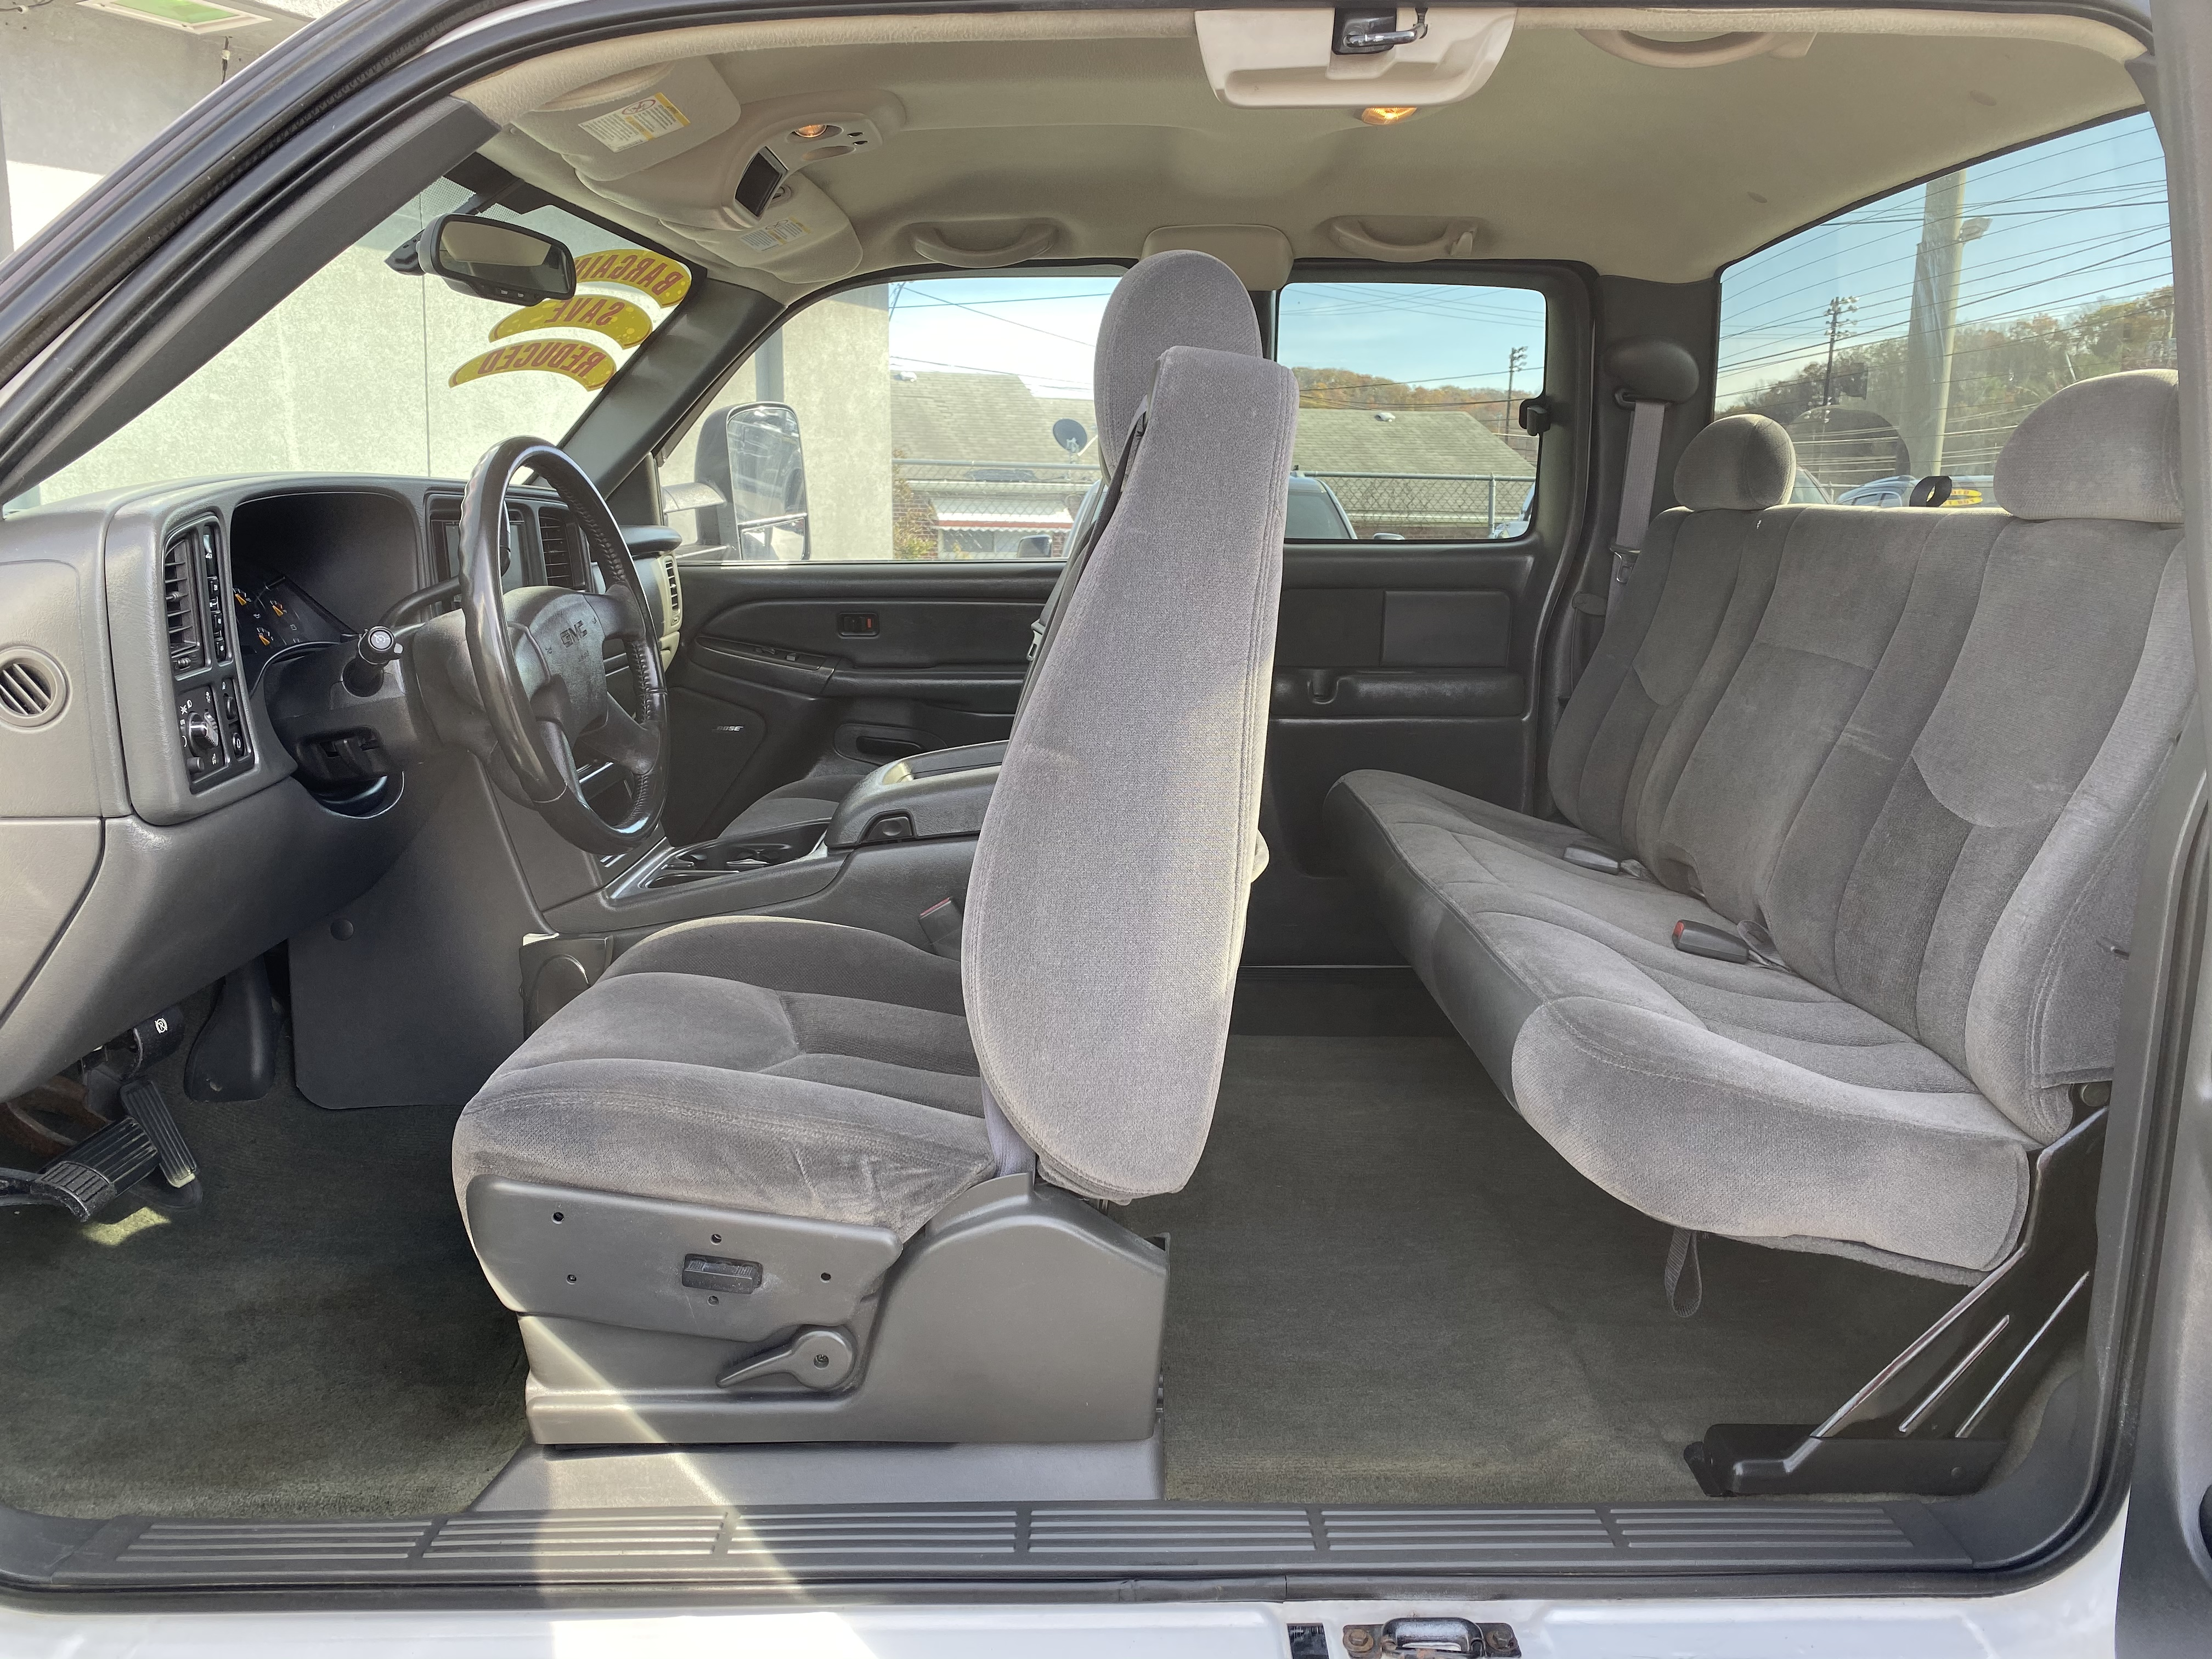 2004 GMC SIERRA 2500